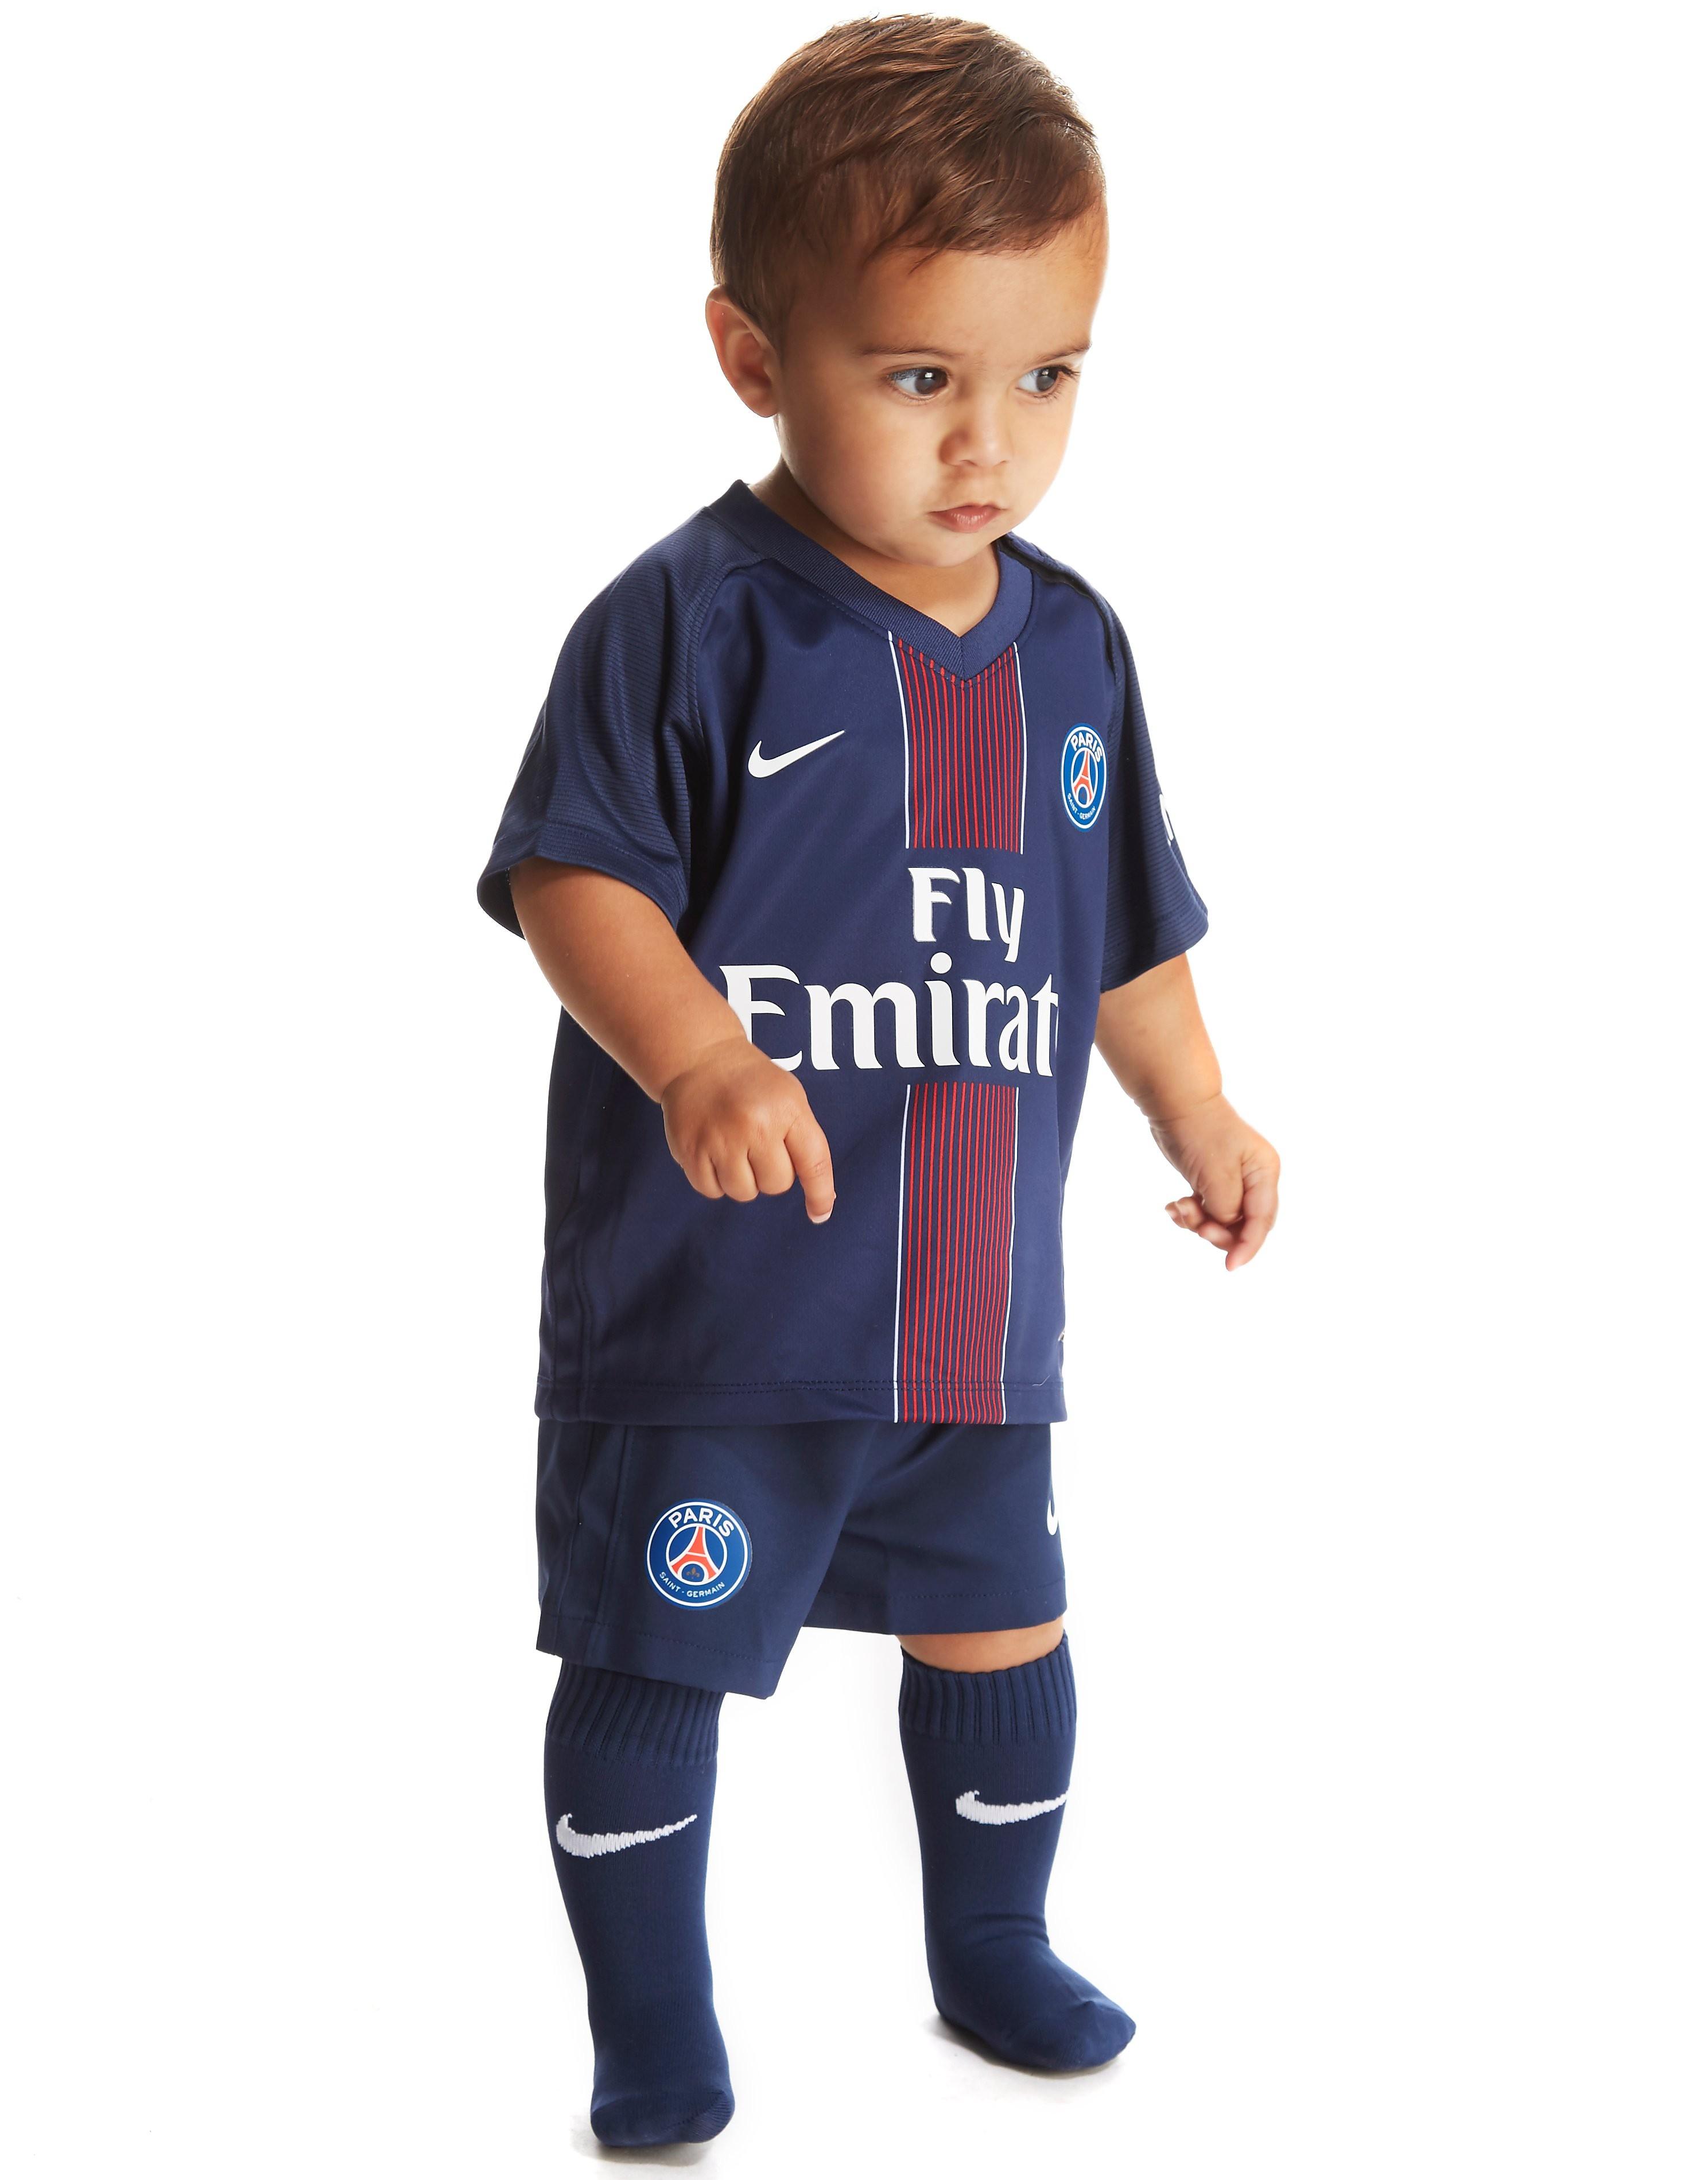 Nike Paris Saint Germain 2016/17 Home Kit Infant